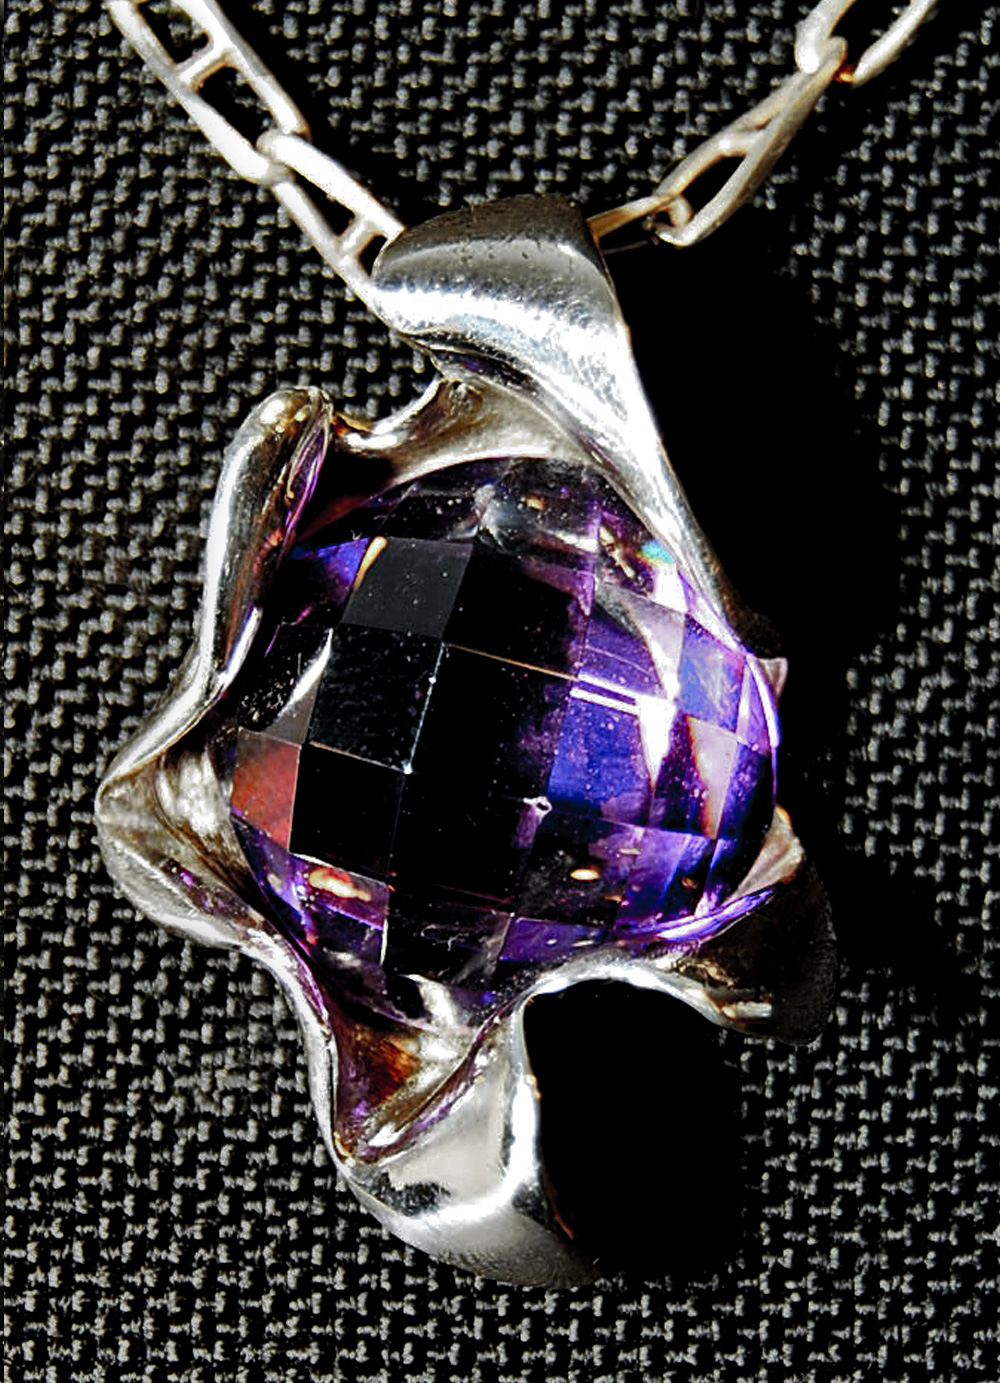 Joyeria-Colgante-violeta-Plata-RD.Escultor